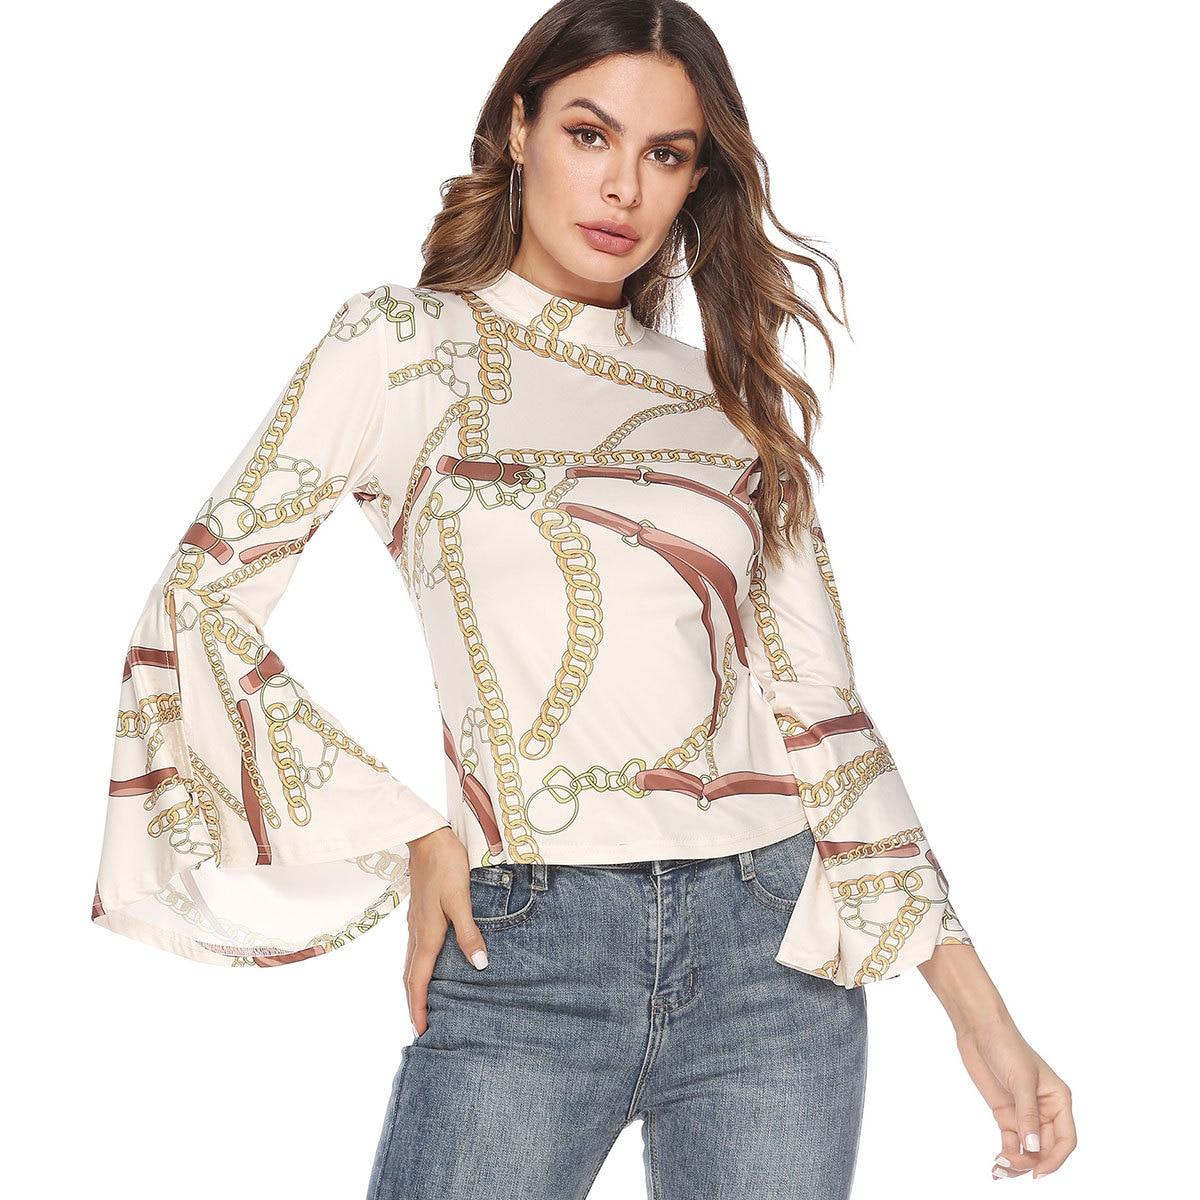 2019 automne Streetwear nouveau T-shirt col roulé chaîne imprimé Flare manches longues dos nu chemise Sexy pour les femmes